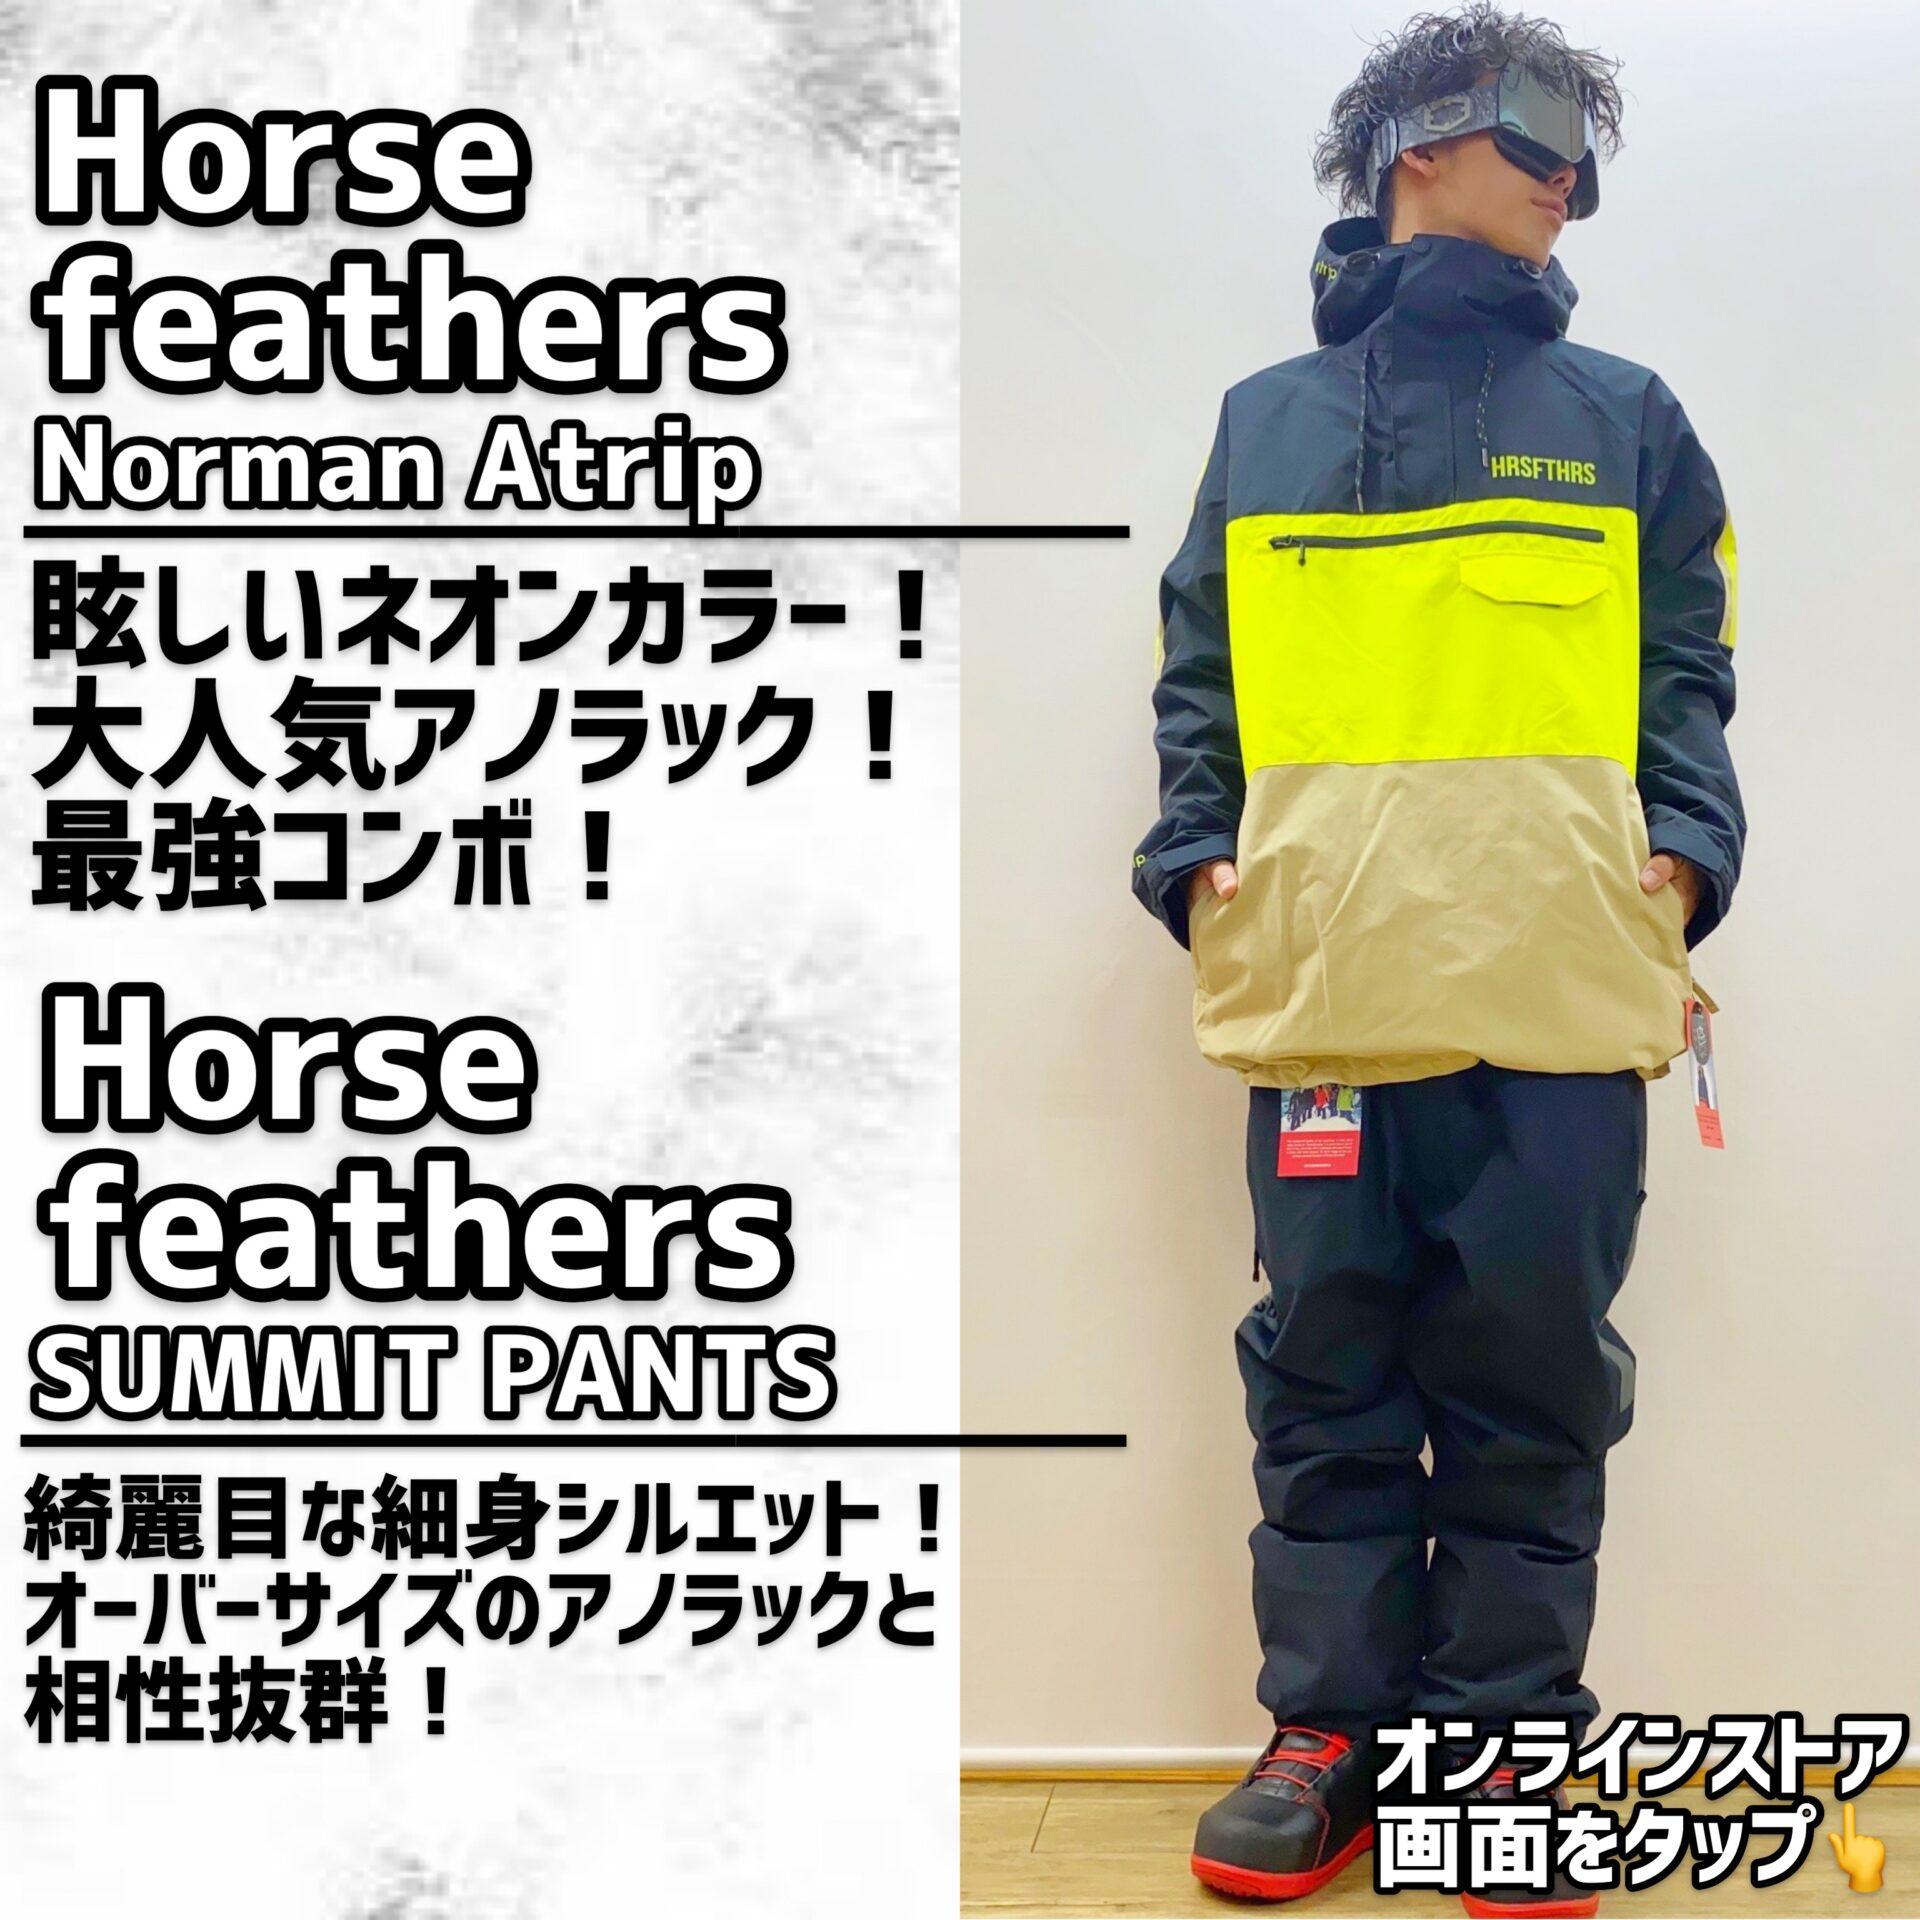 スノーボードウェア 入荷! Horsefeathers ホースフェザーズ